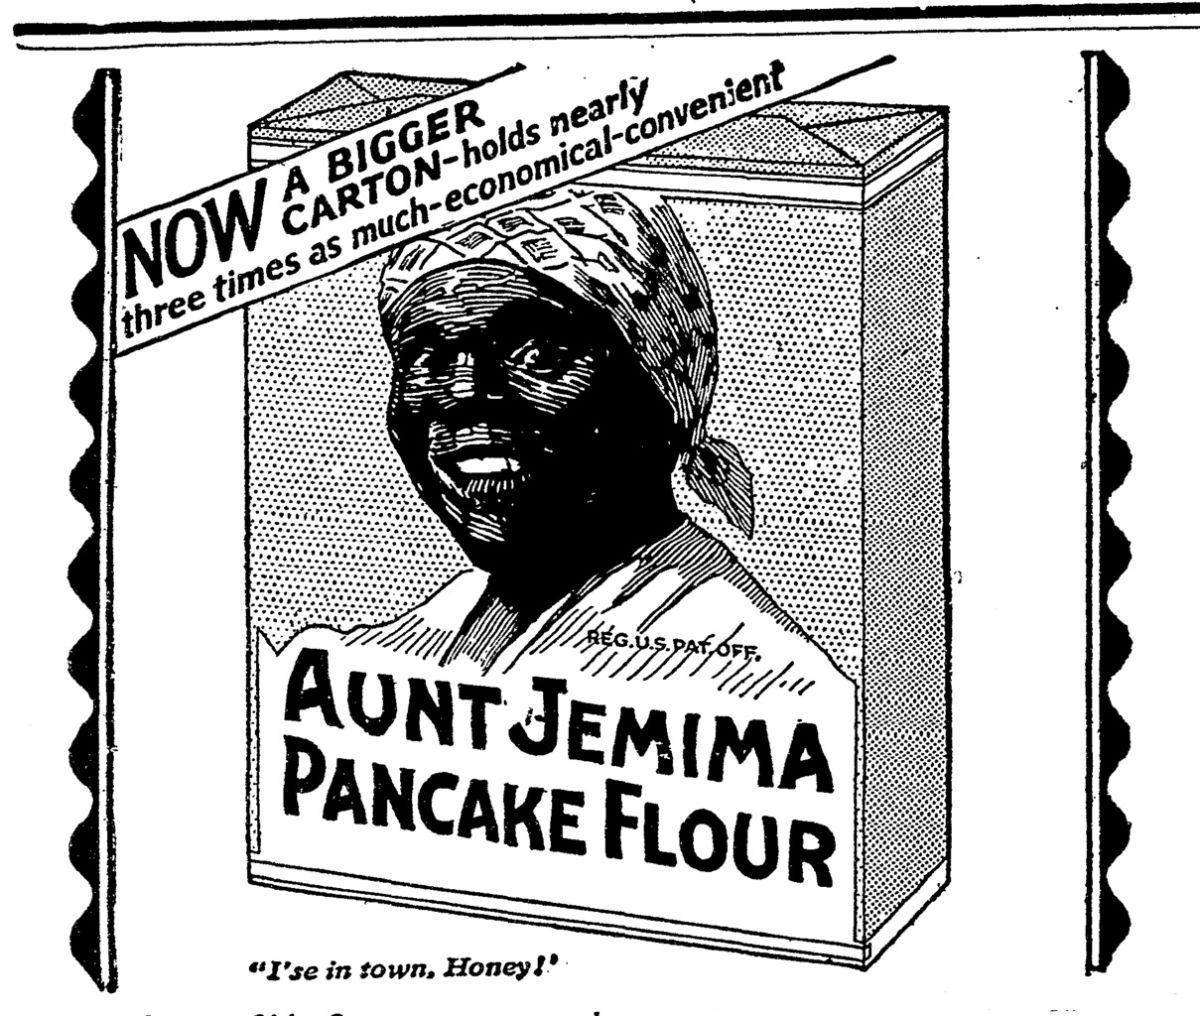 Anuncio de Tía Jemima en periódico del año 1923